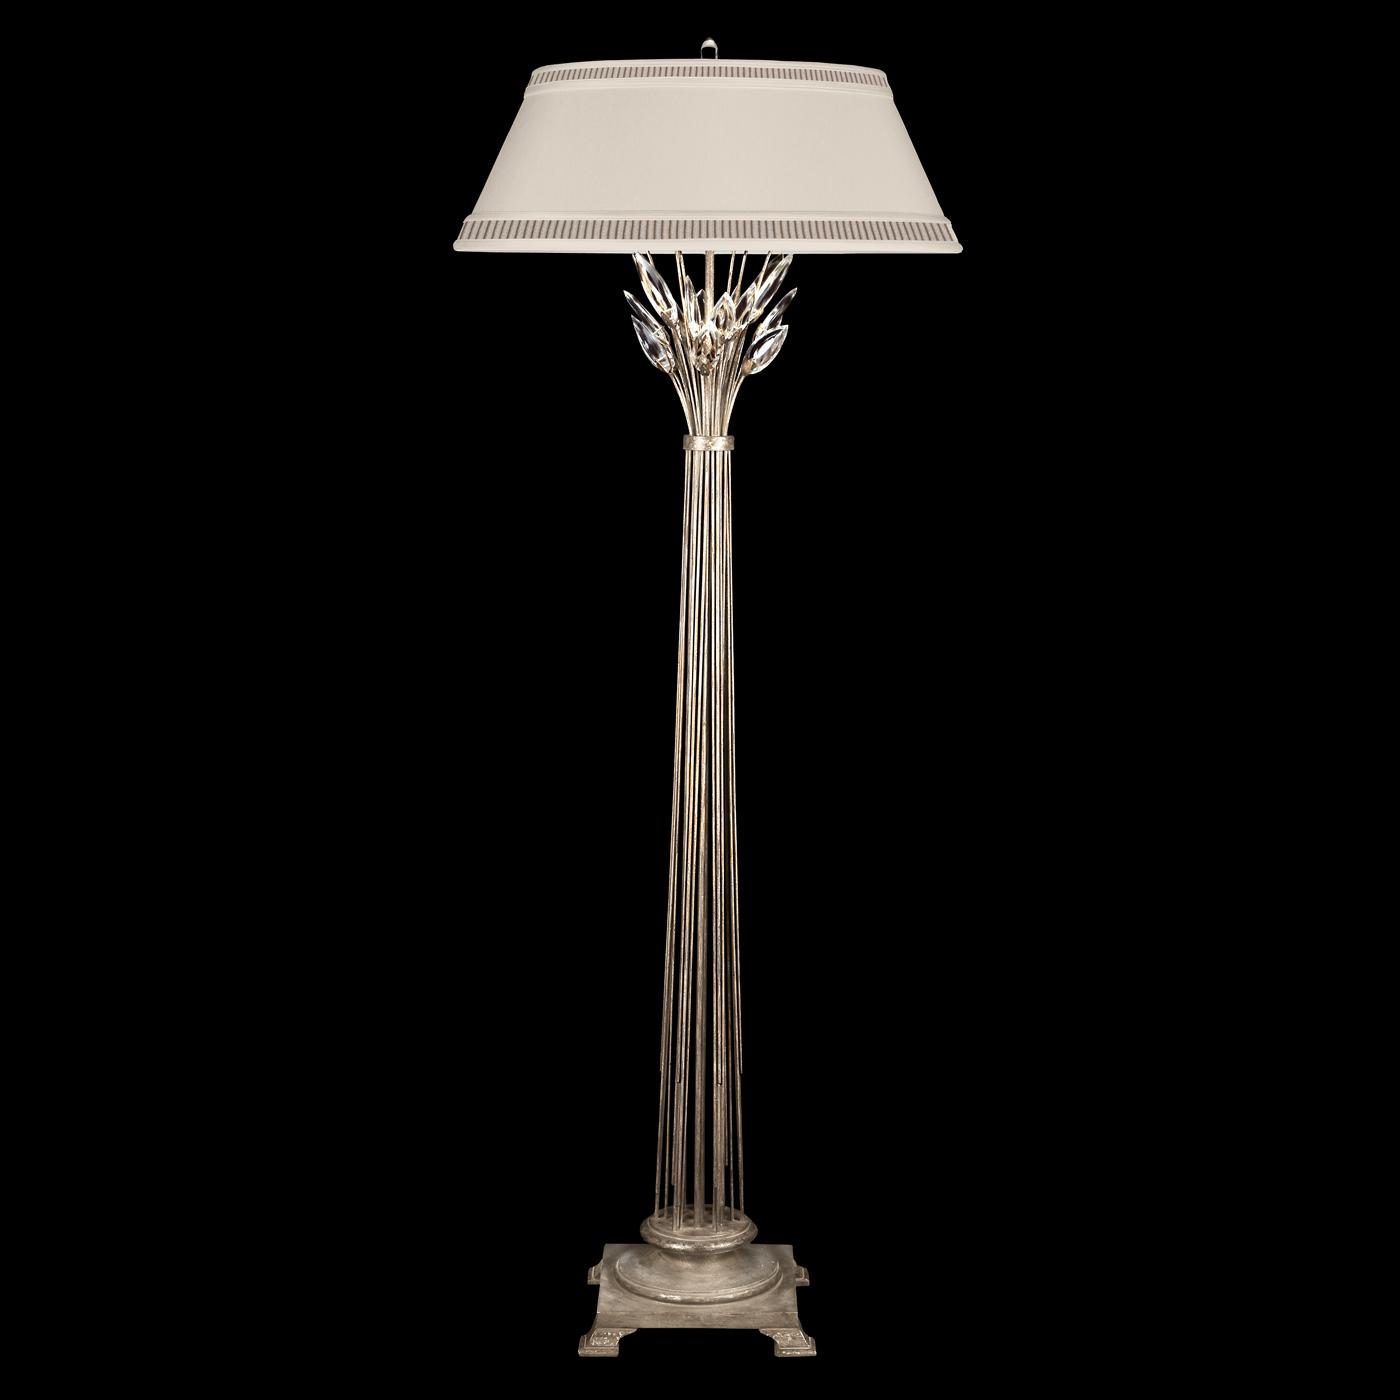 crystal laurel floor lamp by fine art lamps 772520. Black Bedroom Furniture Sets. Home Design Ideas